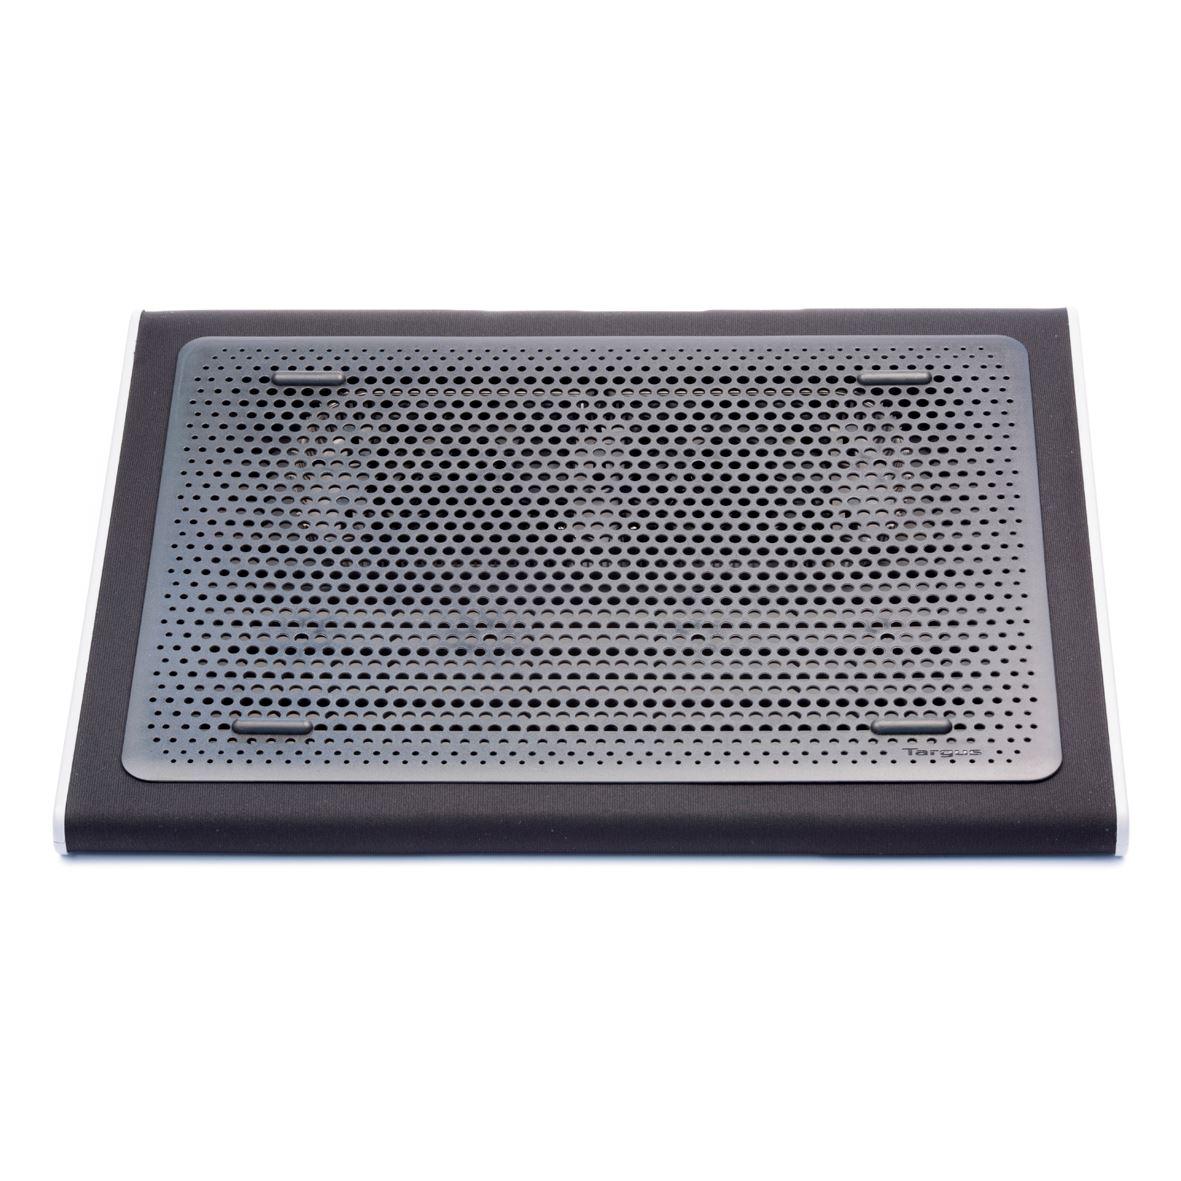 Zeige Details für Laptop Kühler Cooling Pad / Lap Chill Mat 15 17  #51617A